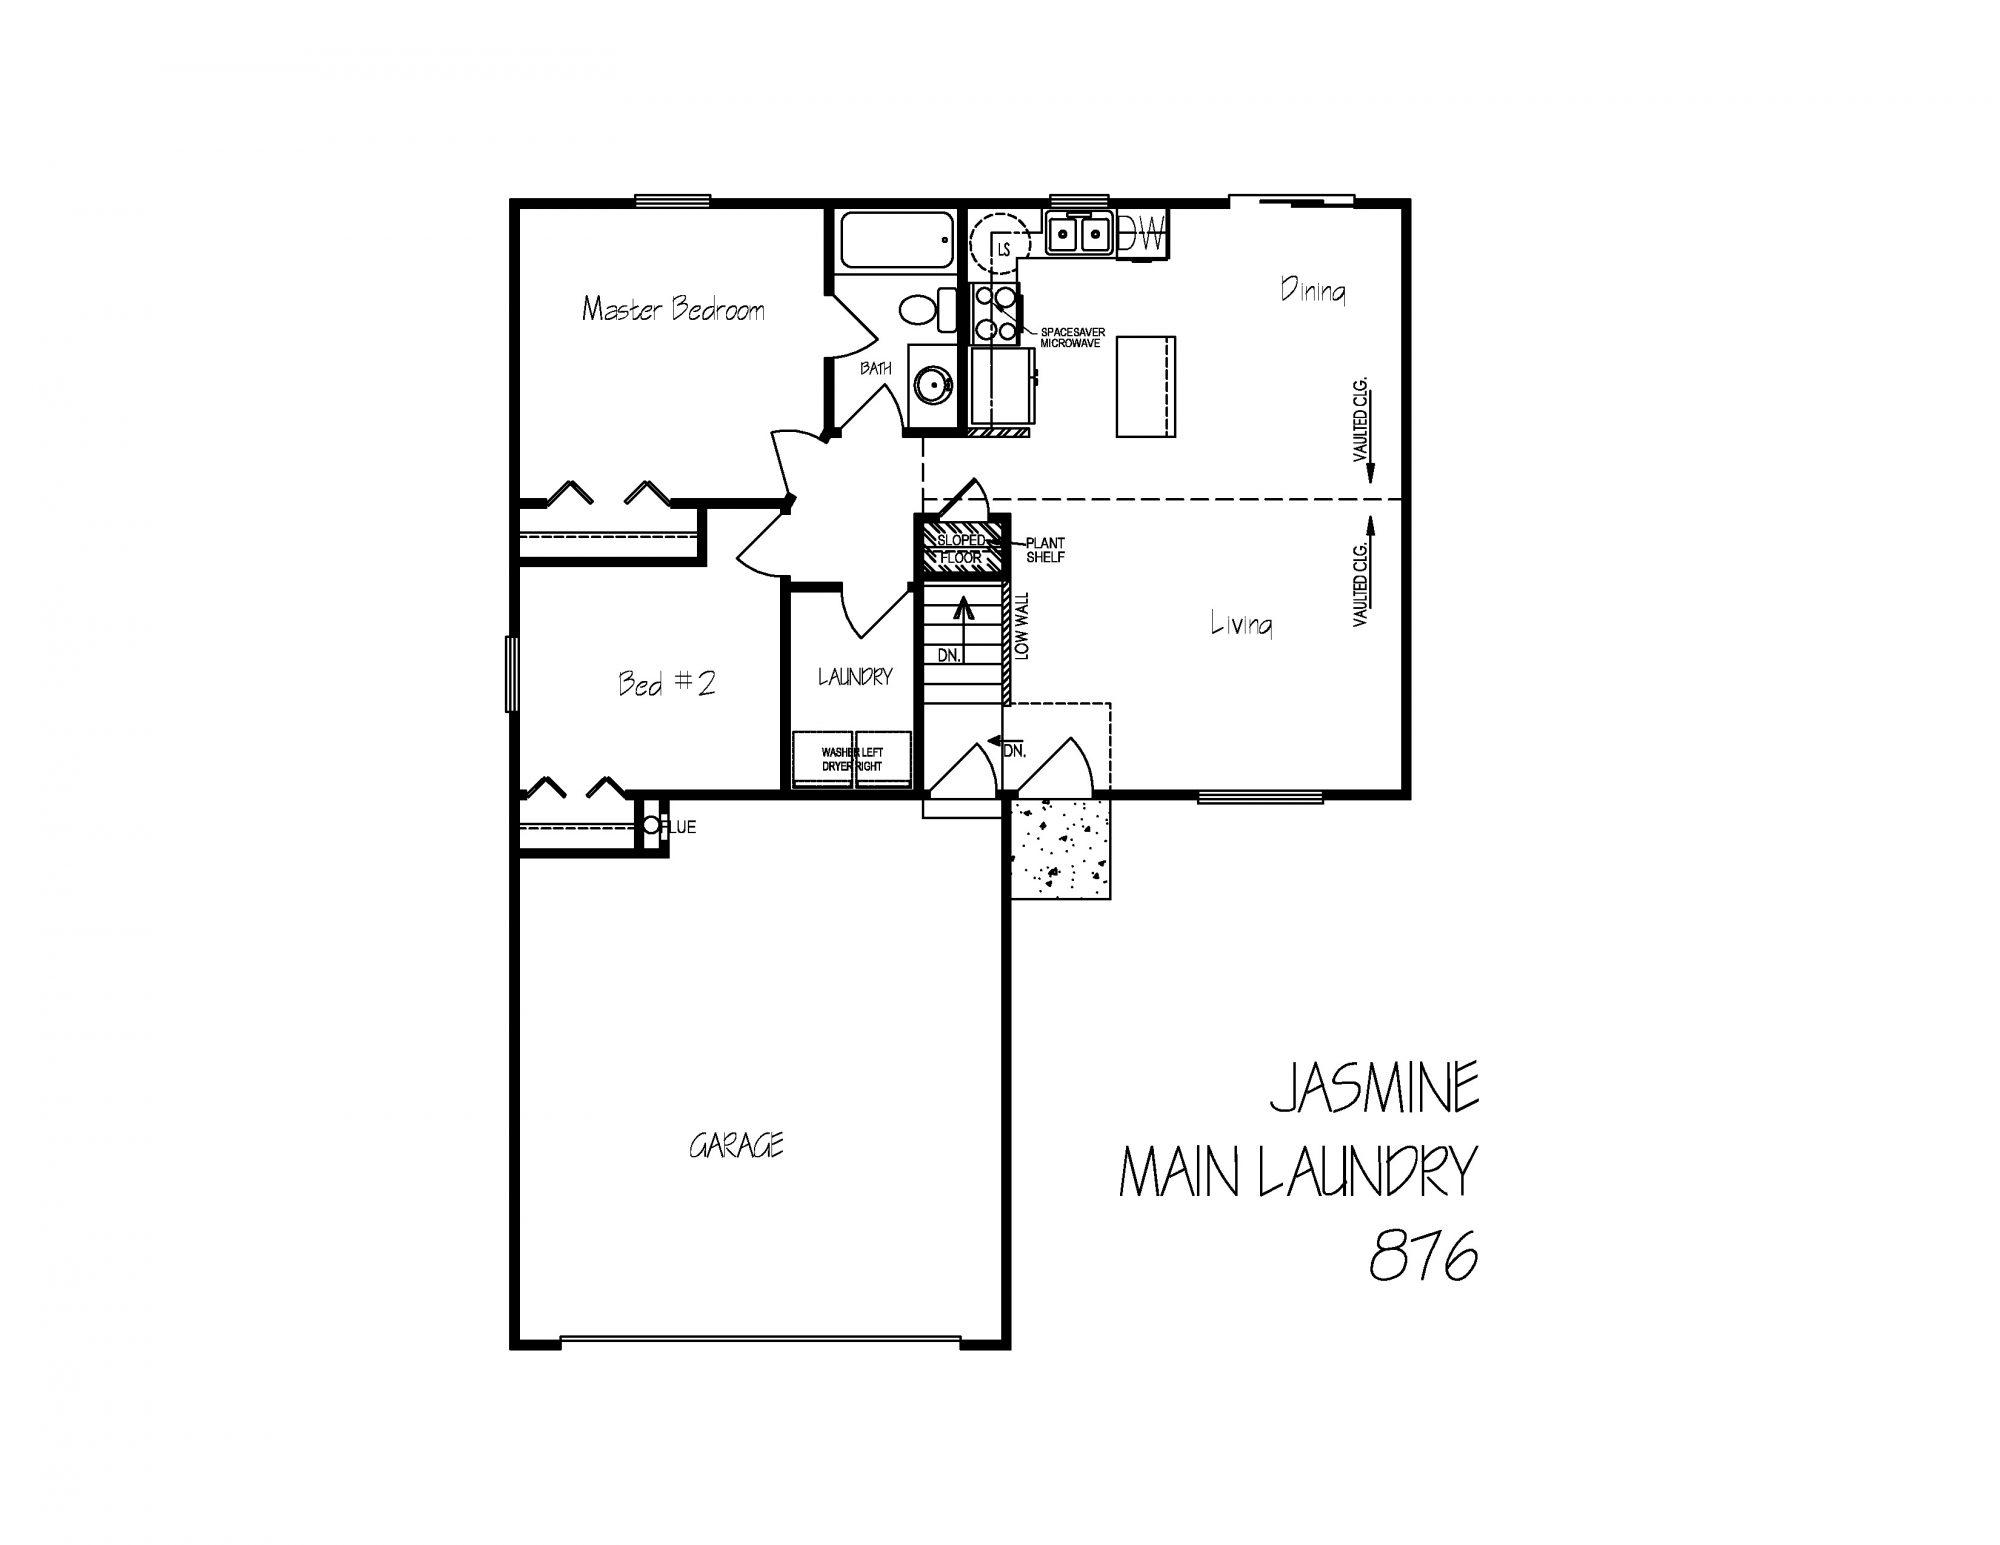 JASMINE MAIN LAUNDRY BL-page-0